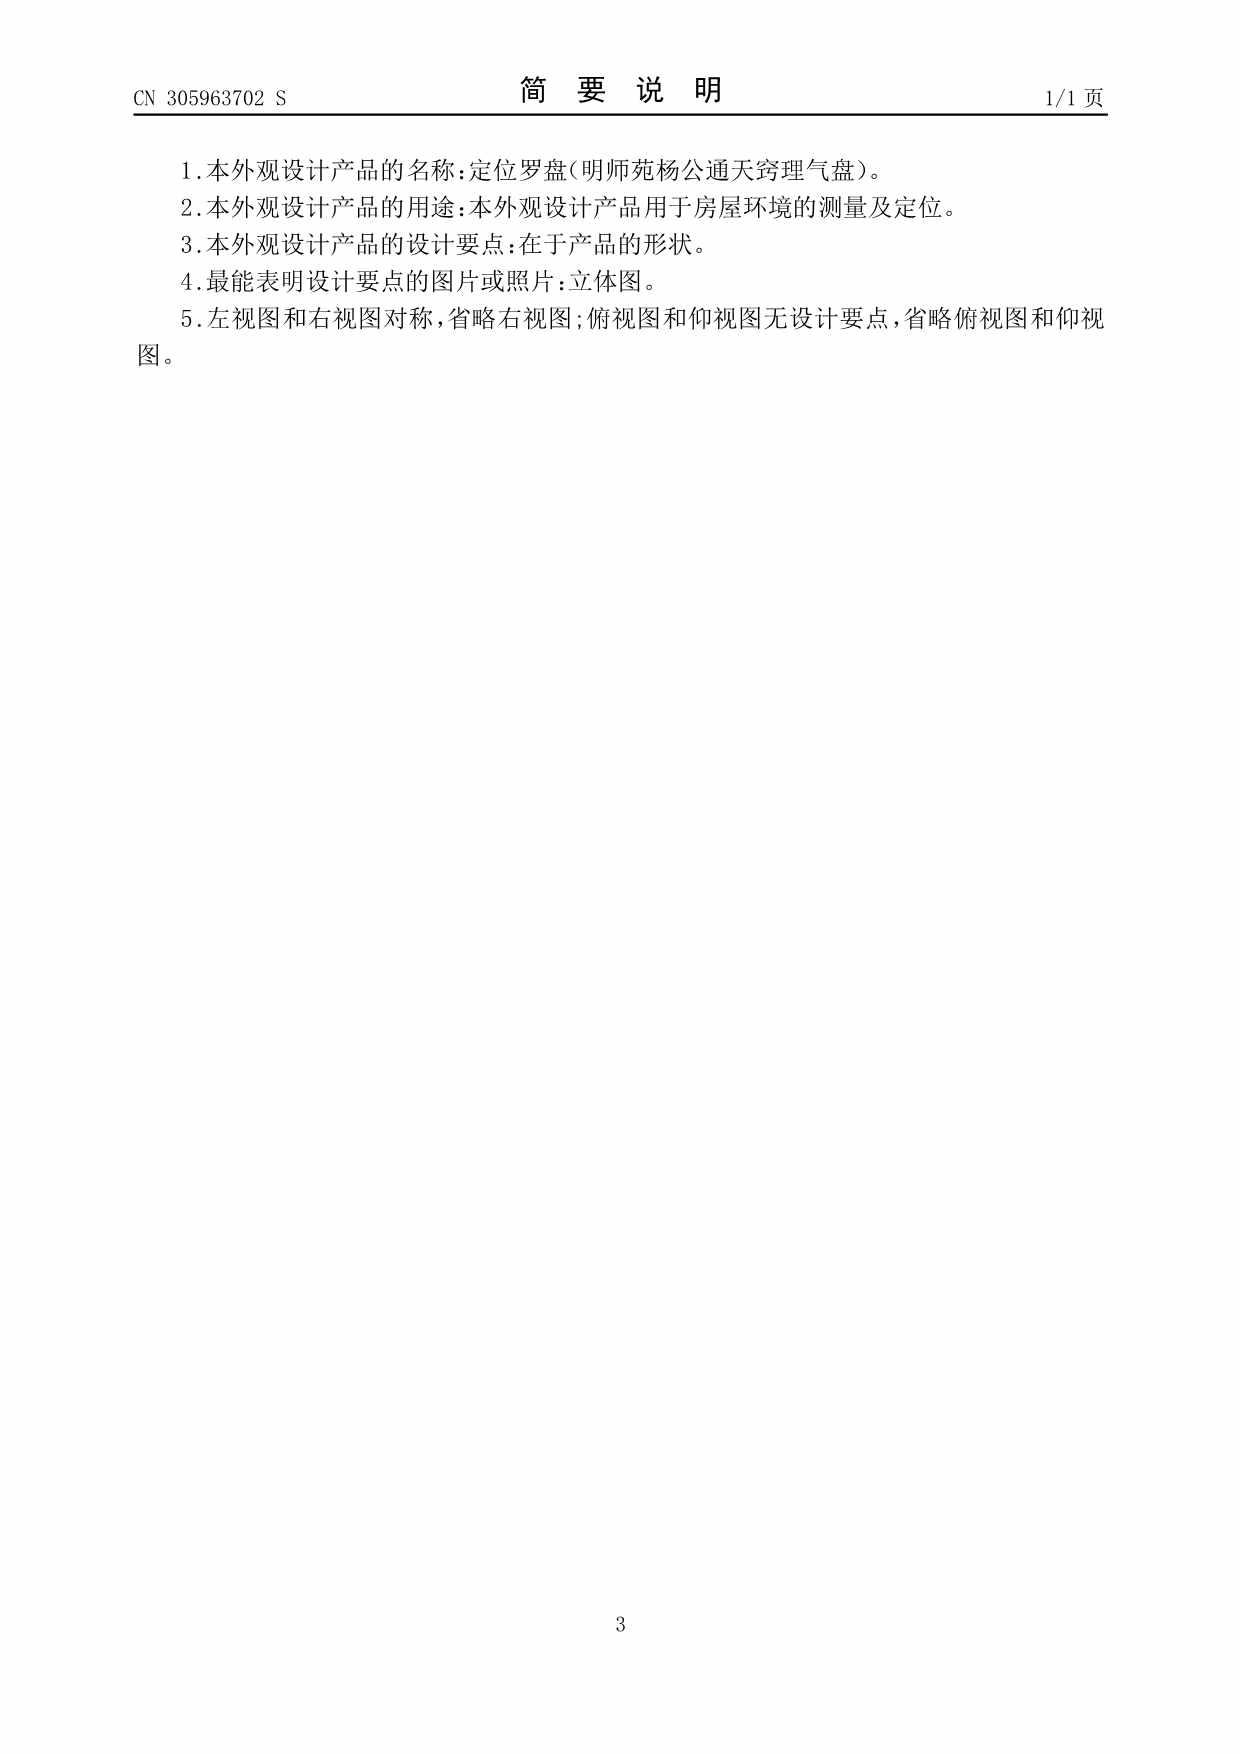 5_Jc.jpg